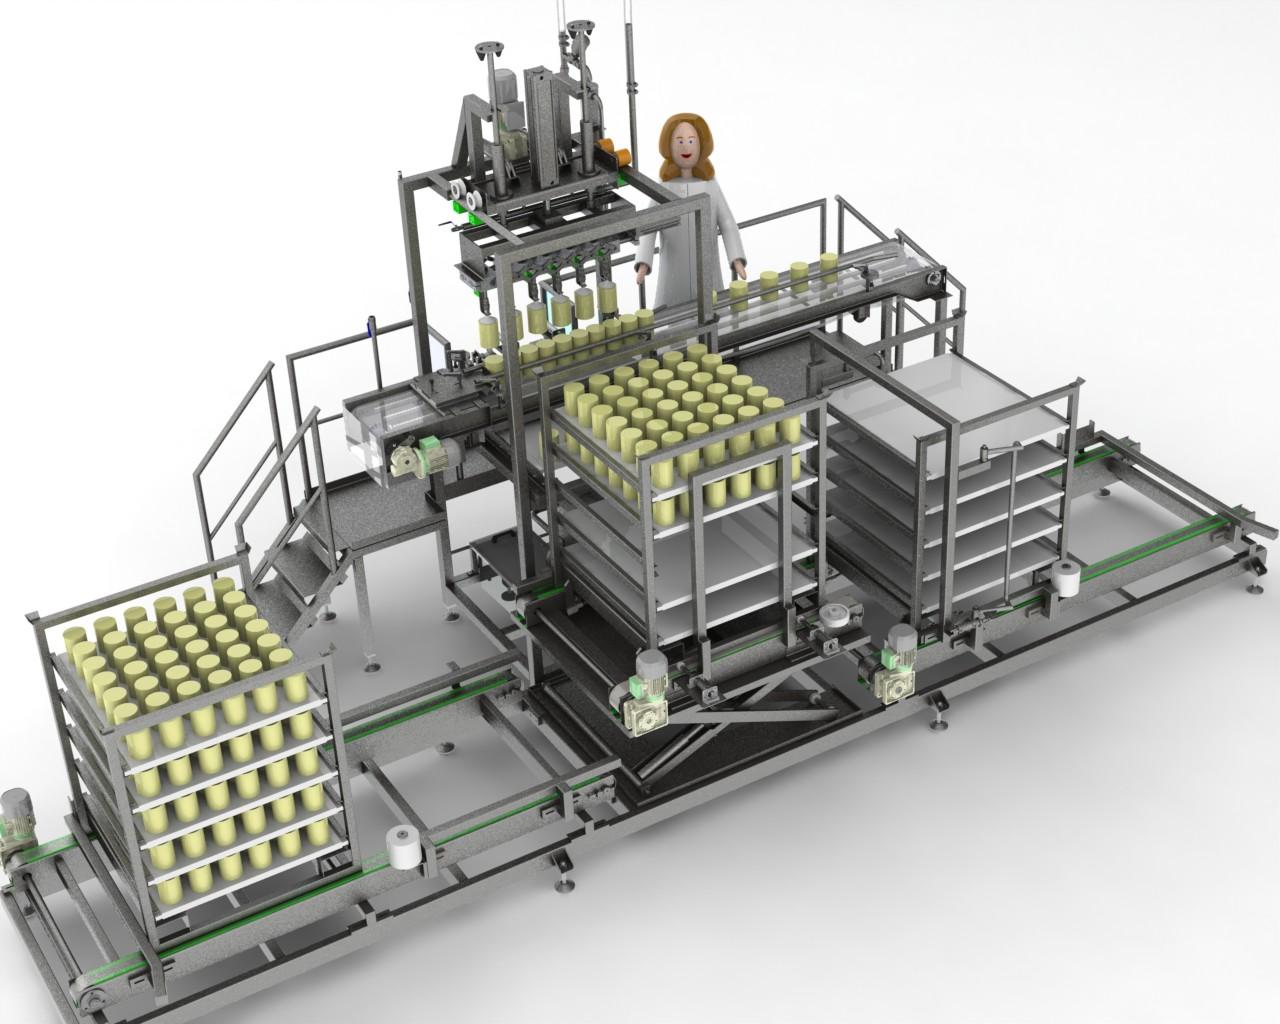 Sistema totalmente automático para movilizar y colocar los quesos en las bandejas de los estantes mediante un grupo de v